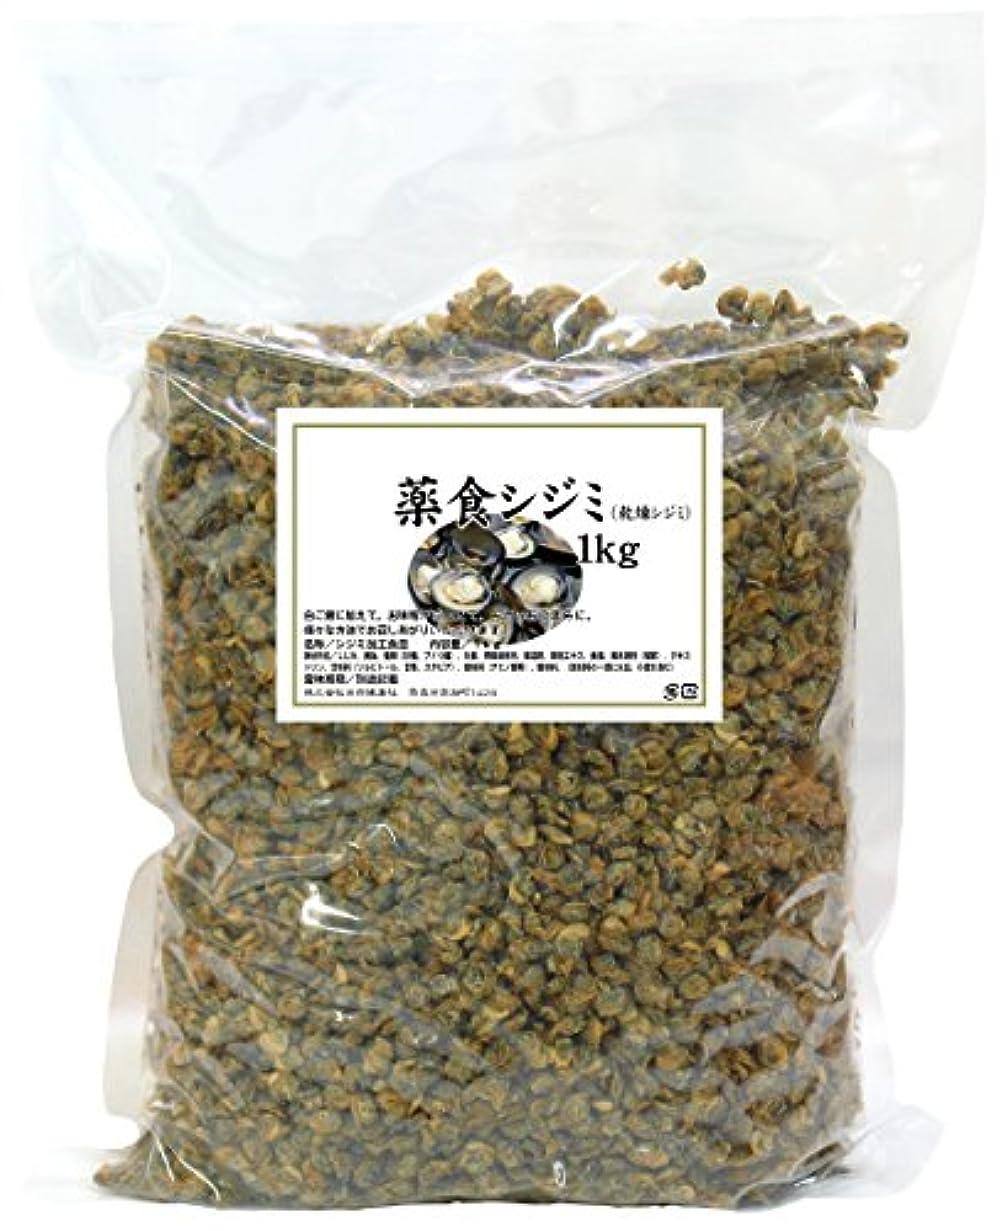 ポーチ内部実行乾燥シジミ1kg タウリン オルニチン 自然食品